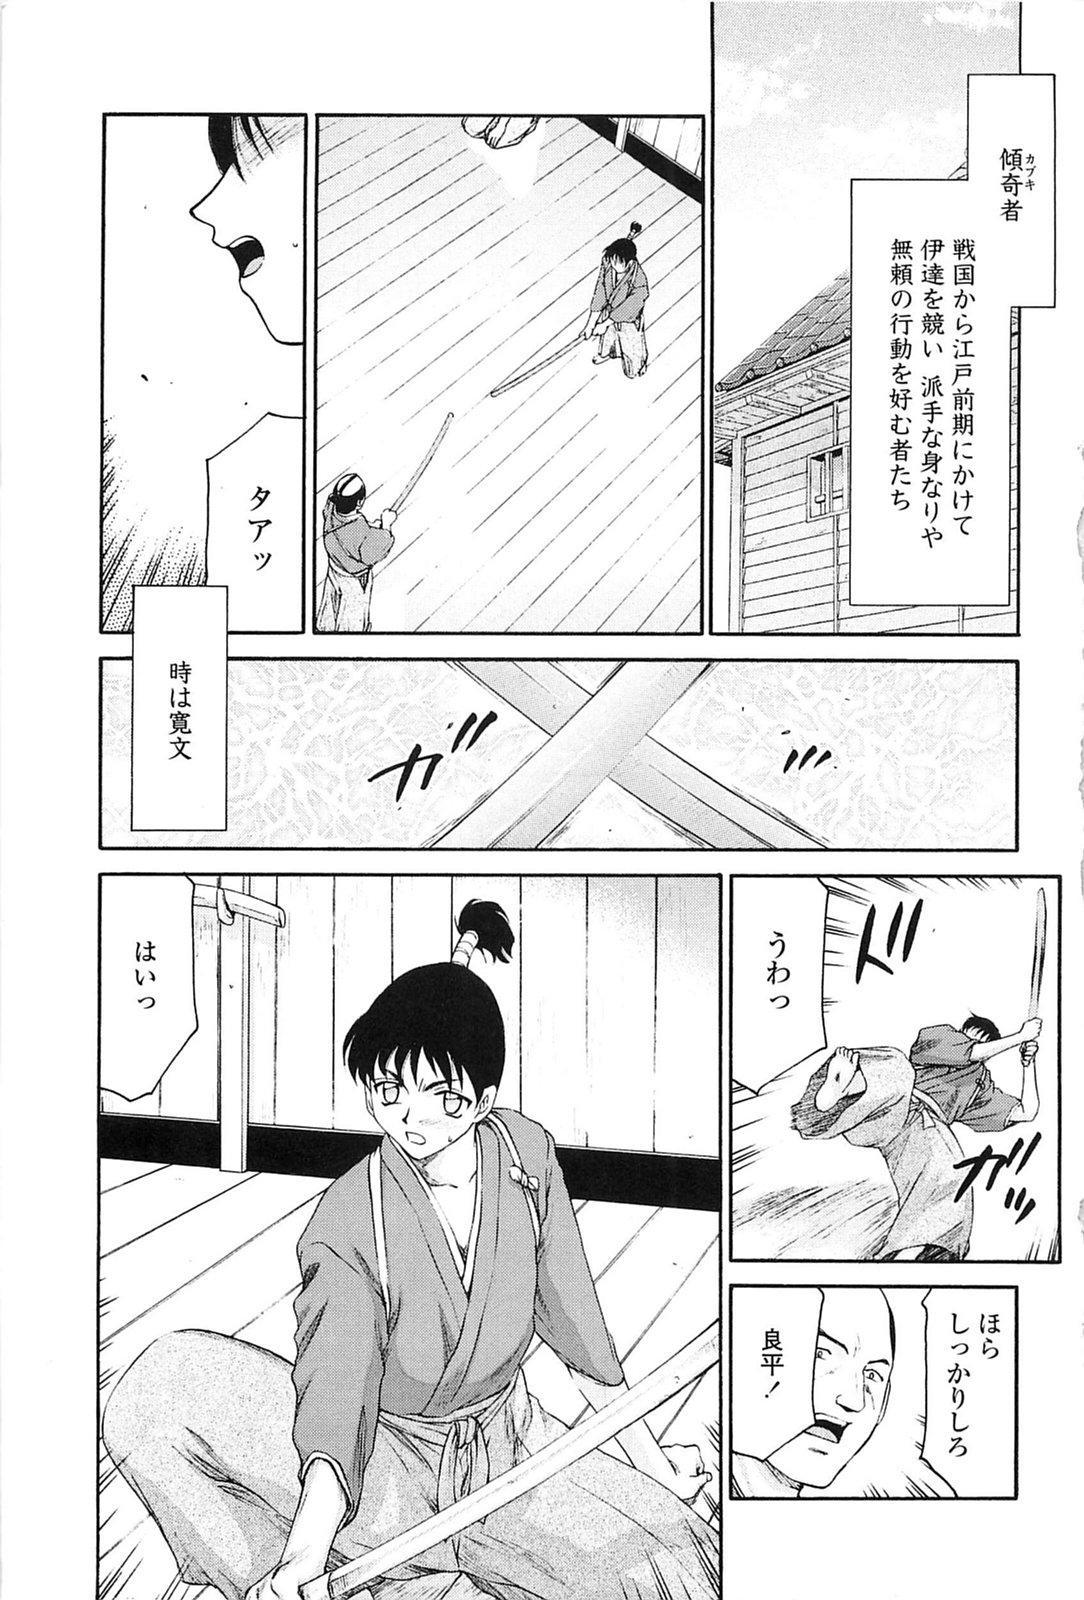 Ruriiro no Hana 3